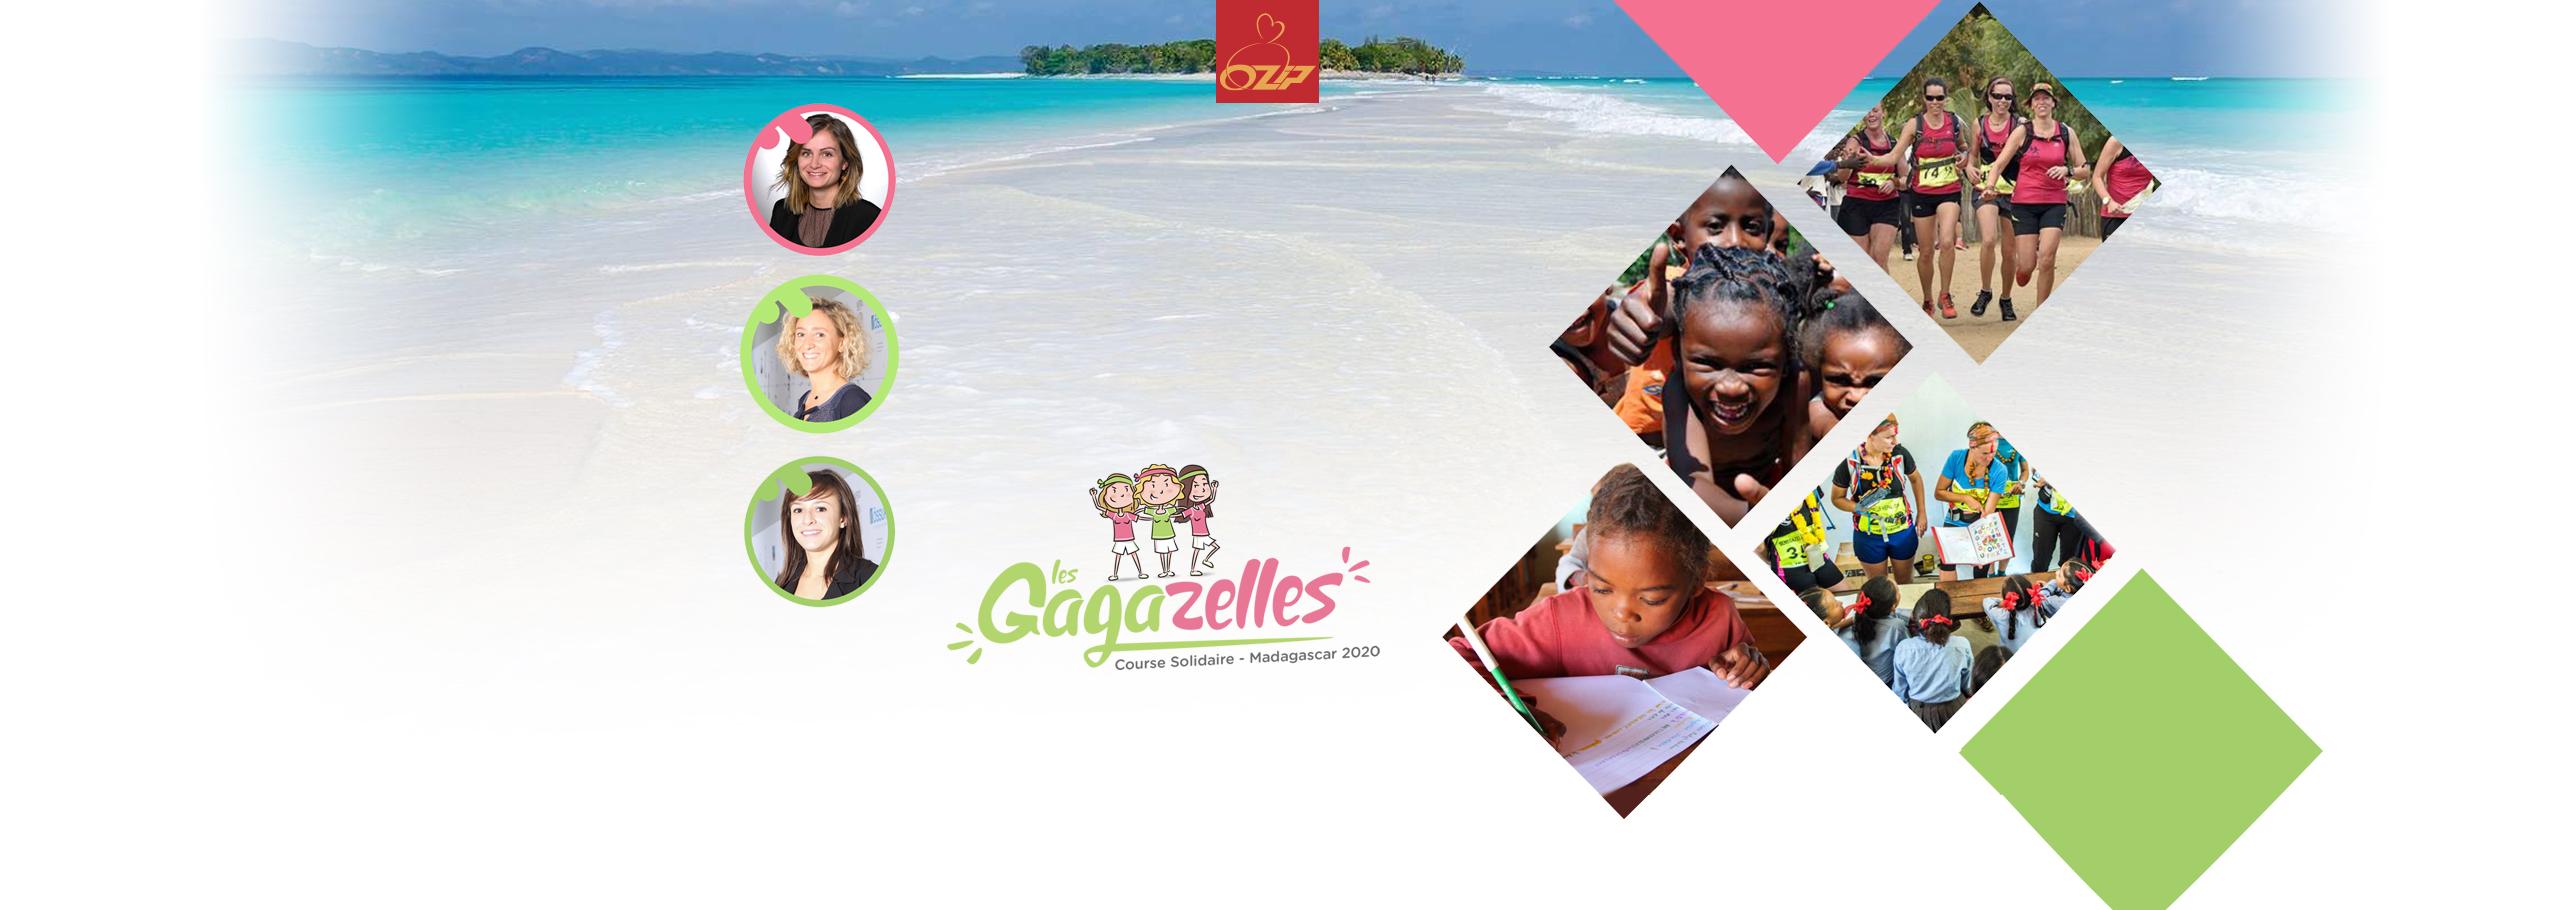 GAGAZELLES_slide_Ozip